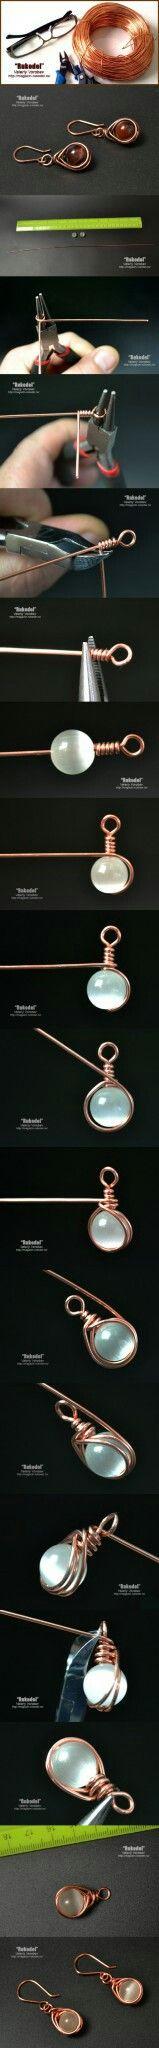 Simple Rukodel earrings or pendant tutorial